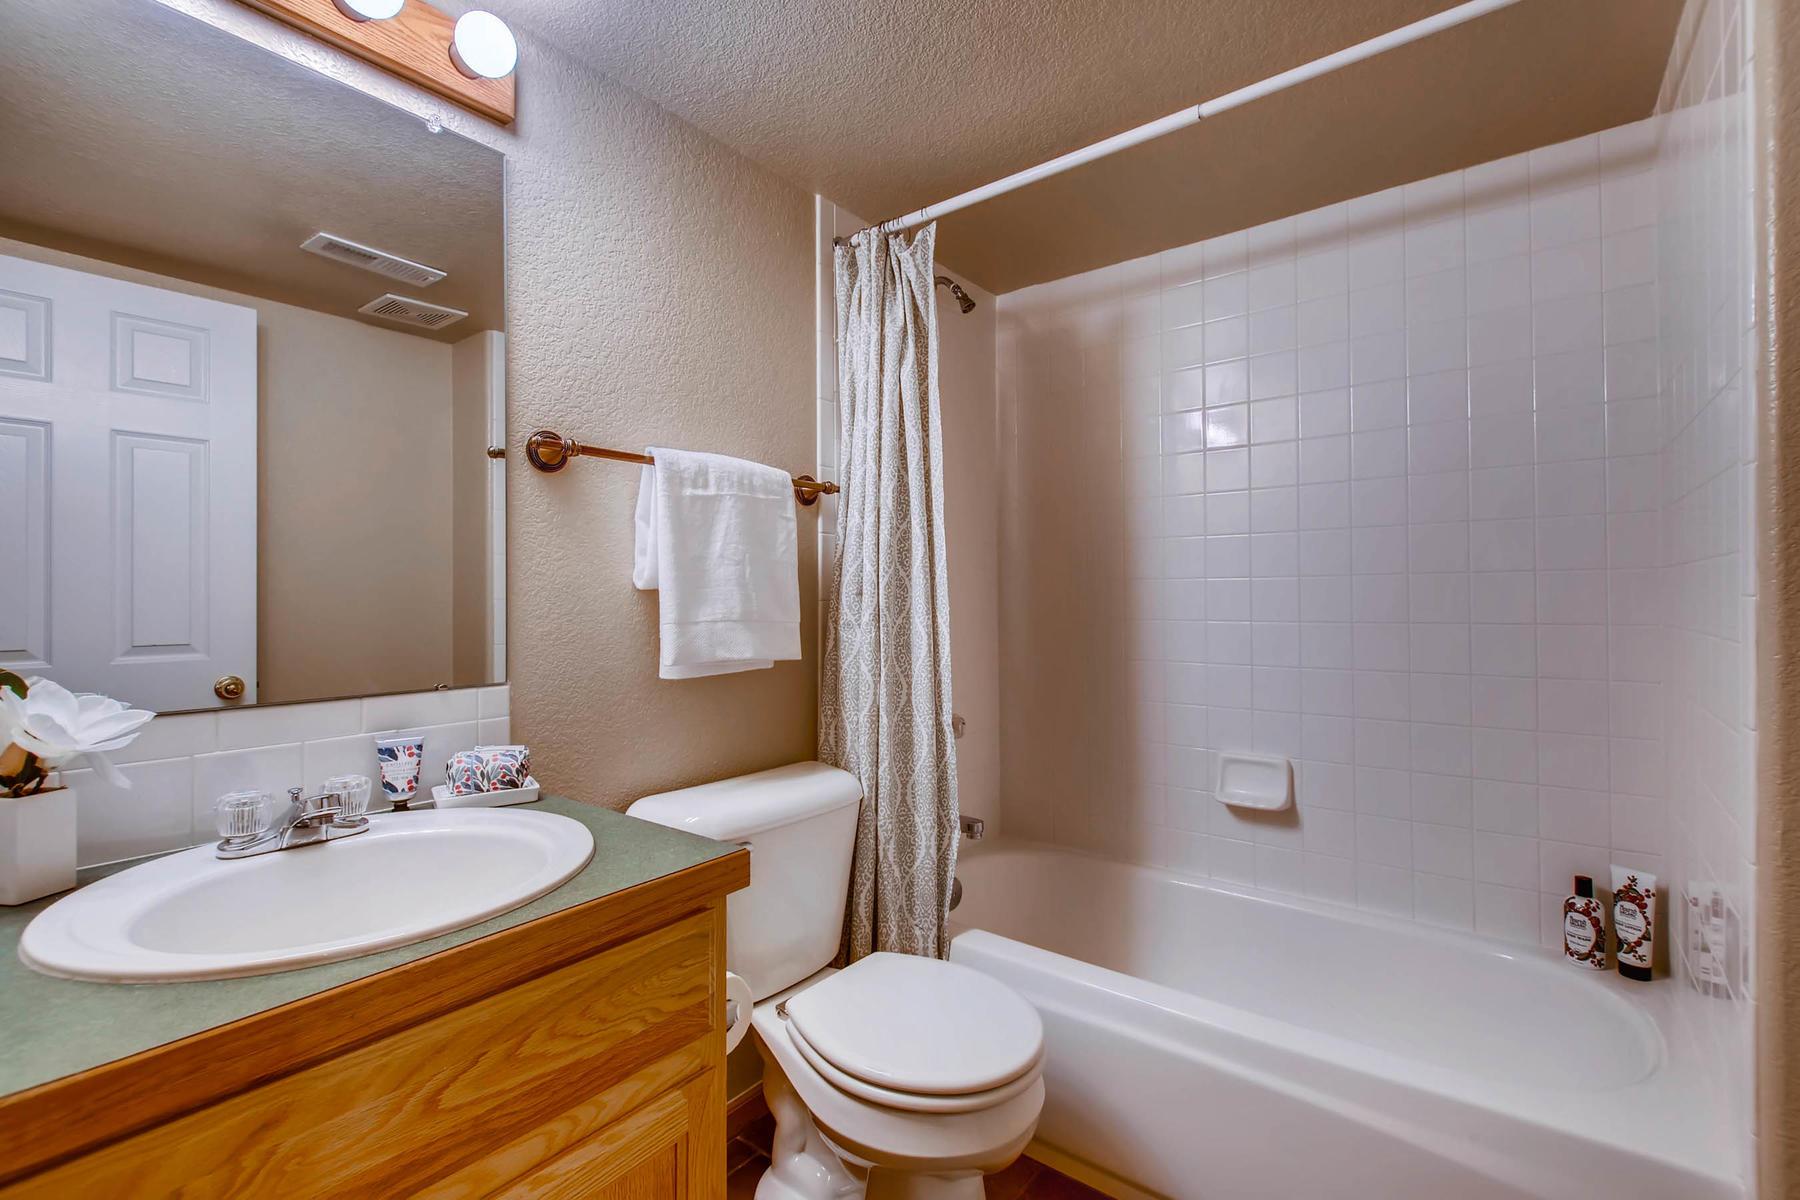 1694 Seven Lakes Dr Loveland-MLS_Size-033-25-Lower Level Bathroom-1800x1200-72dpi.jpg